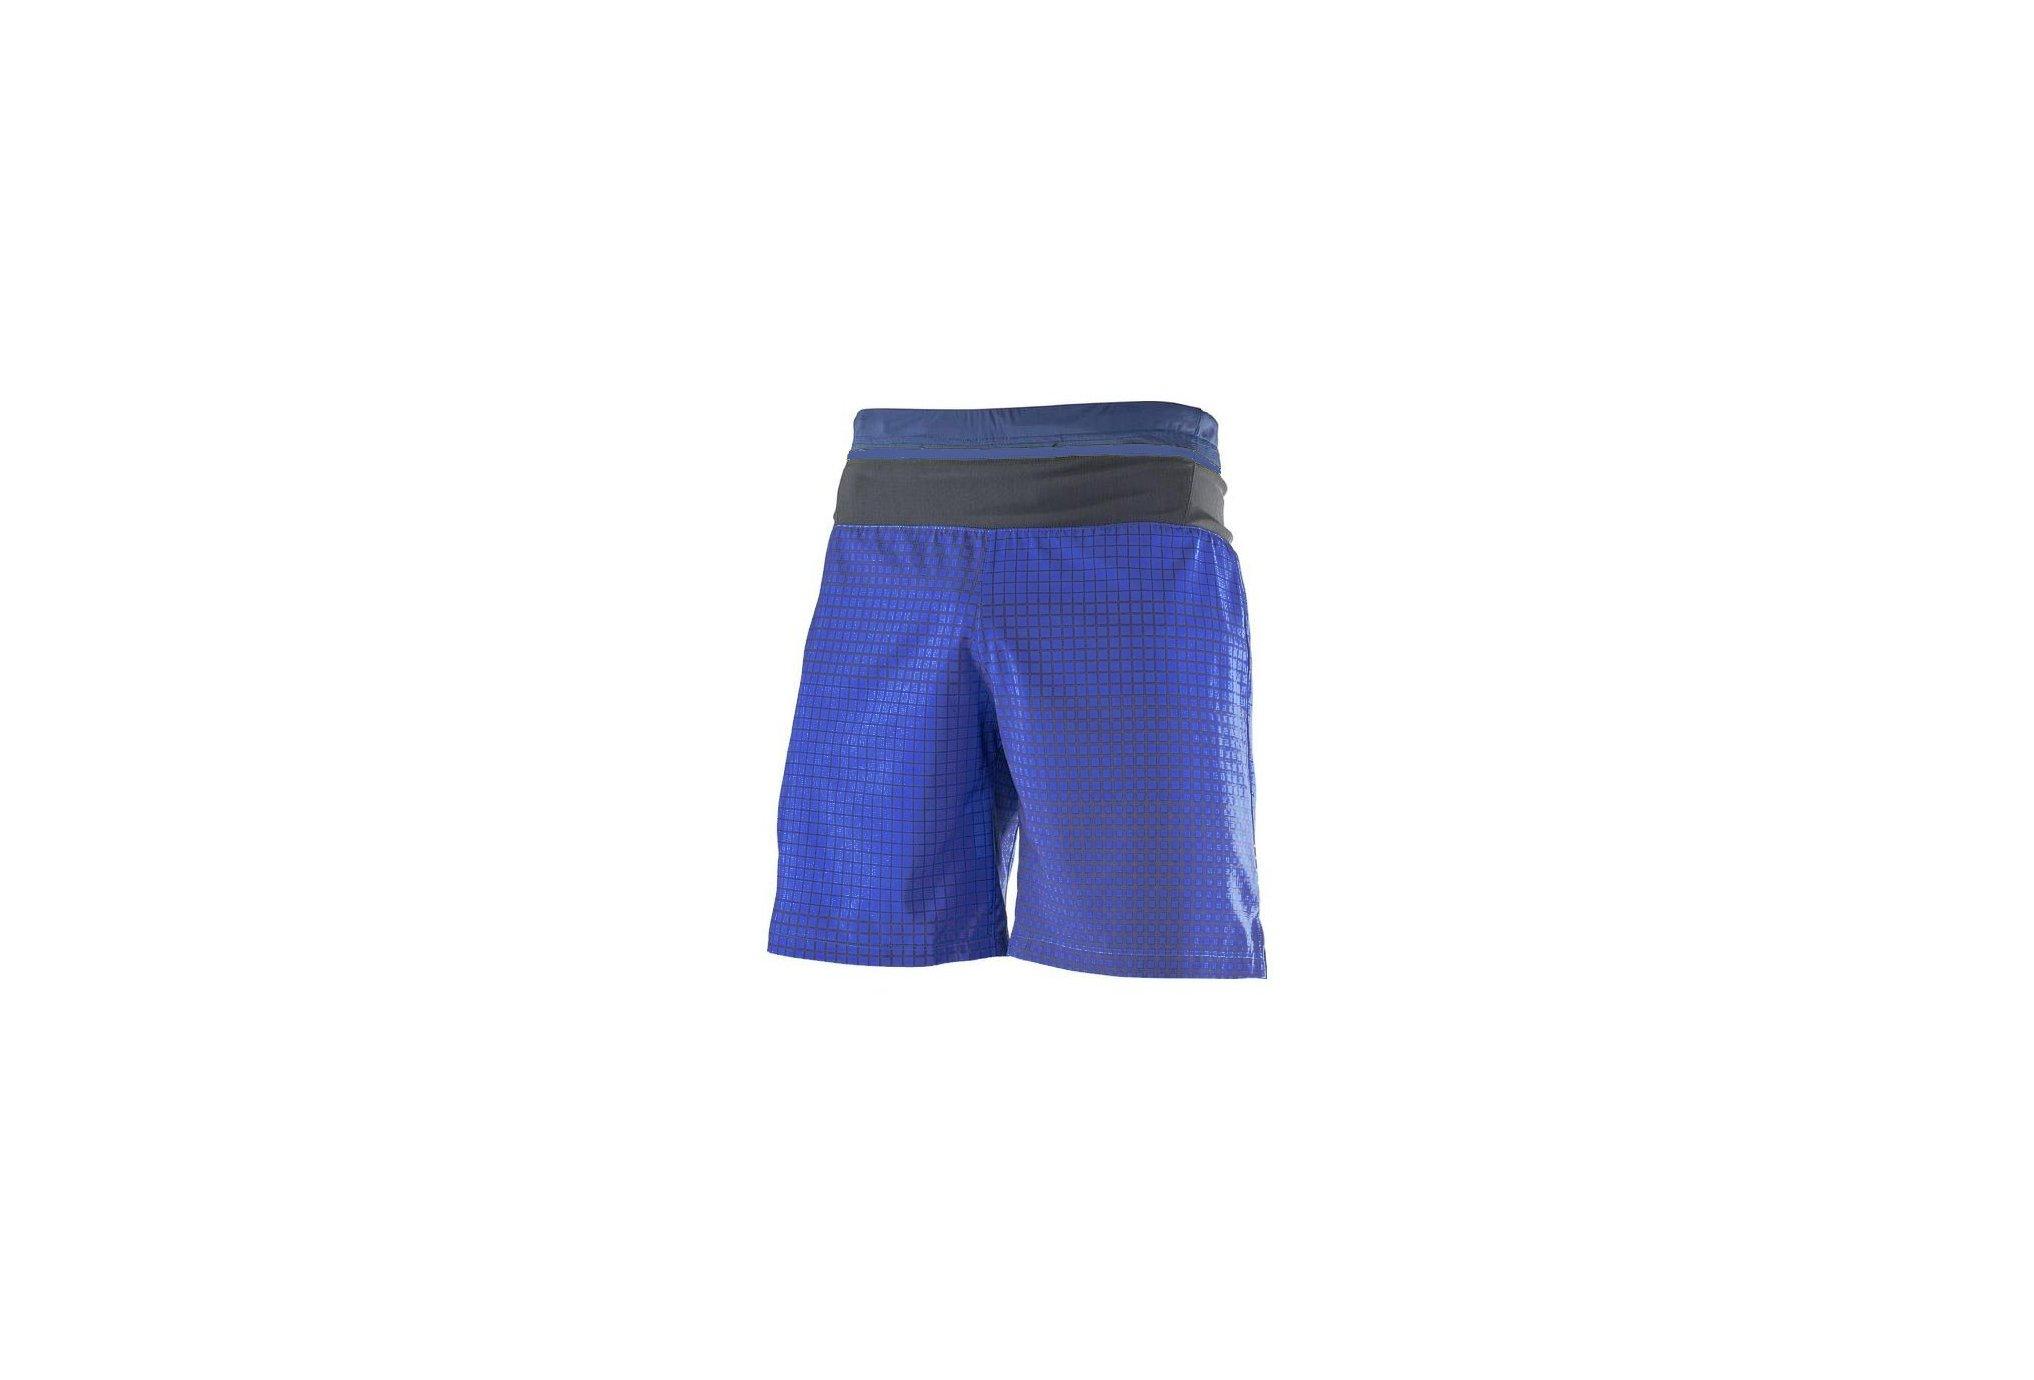 Salomon Pulse 7 m vêtement running homme